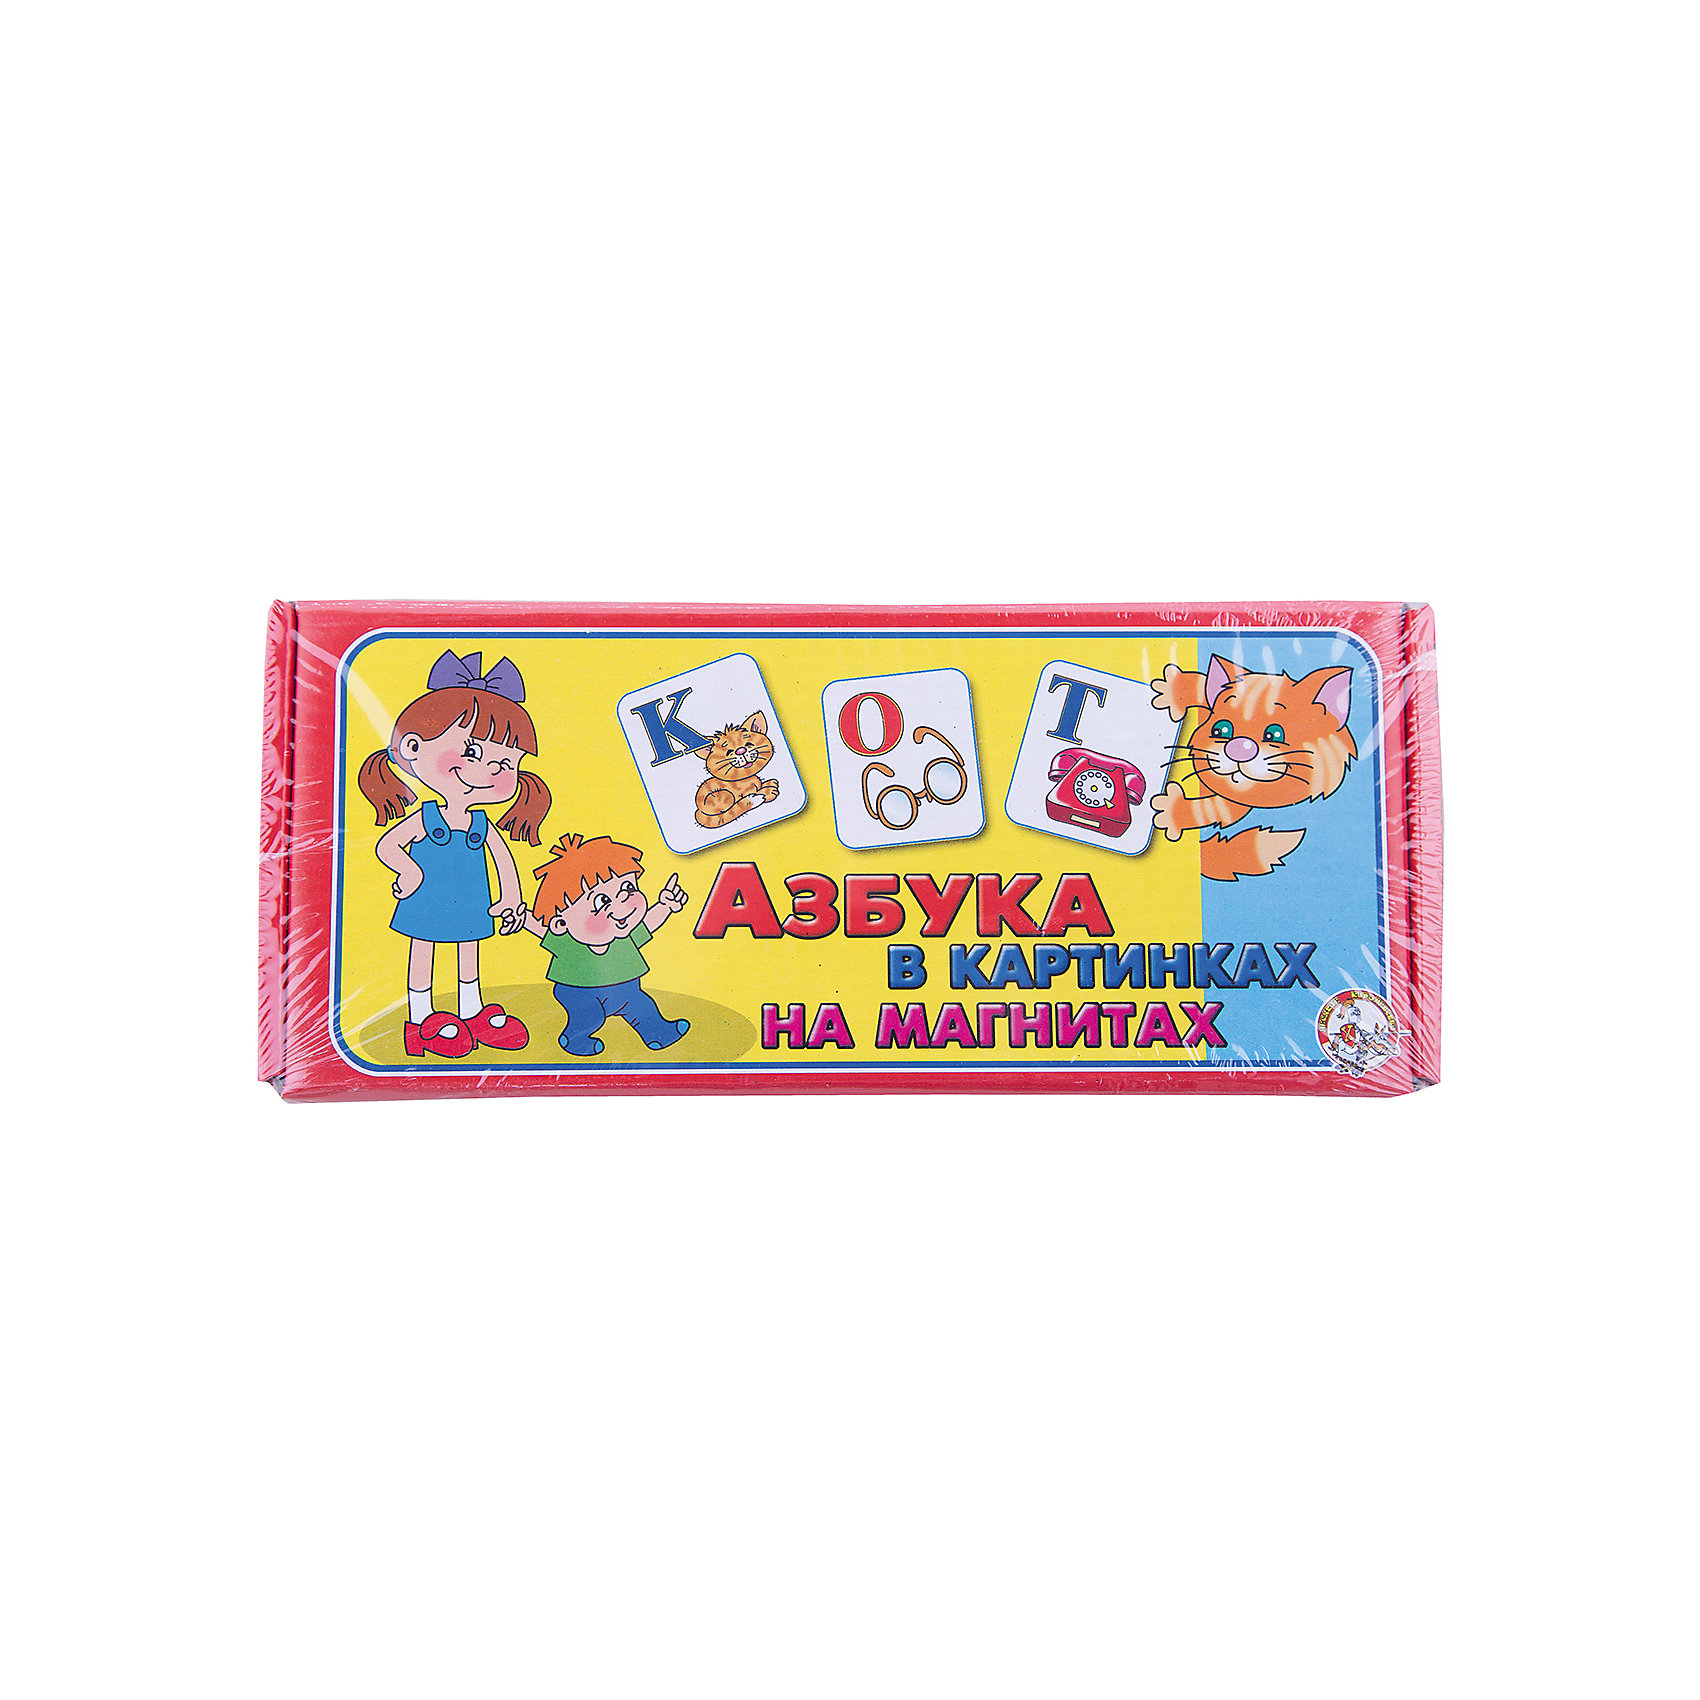 Магнитные карточки Азбука в картинках, Десятое королевствоОбучающие игры для дошкольников<br>Магнитные карточки Азбука в картинках, Десятое королевство<br><br>Характеристики: <br><br>• Возраст: от 3 лет<br>• Материал: картон, полимер<br>• В комплекте: 72 карточки, гибкая полимерная магнитная лента<br><br>Эта игра будет особенно полезна для детей от трех лет. С ее помощью ребенок будет учиться узнавать очертания букв и начнет складывать буквы в слова и предложения. Перед началом игры нужно разрезать и наклеить на карточки полимерную магнитную ленту. Этот набор полностью безопасен для детей и подходит для обучения деток азам азбуки.<br><br>Магнитные карточки Азбука в картинках, Десятое королевство можно купить в нашем интернет-магазине.<br><br>Ширина мм: 230<br>Глубина мм: 100<br>Высота мм: 35<br>Вес г: 134<br>Возраст от месяцев: 60<br>Возраст до месяцев: 2147483647<br>Пол: Унисекс<br>Возраст: Детский<br>SKU: 5473730